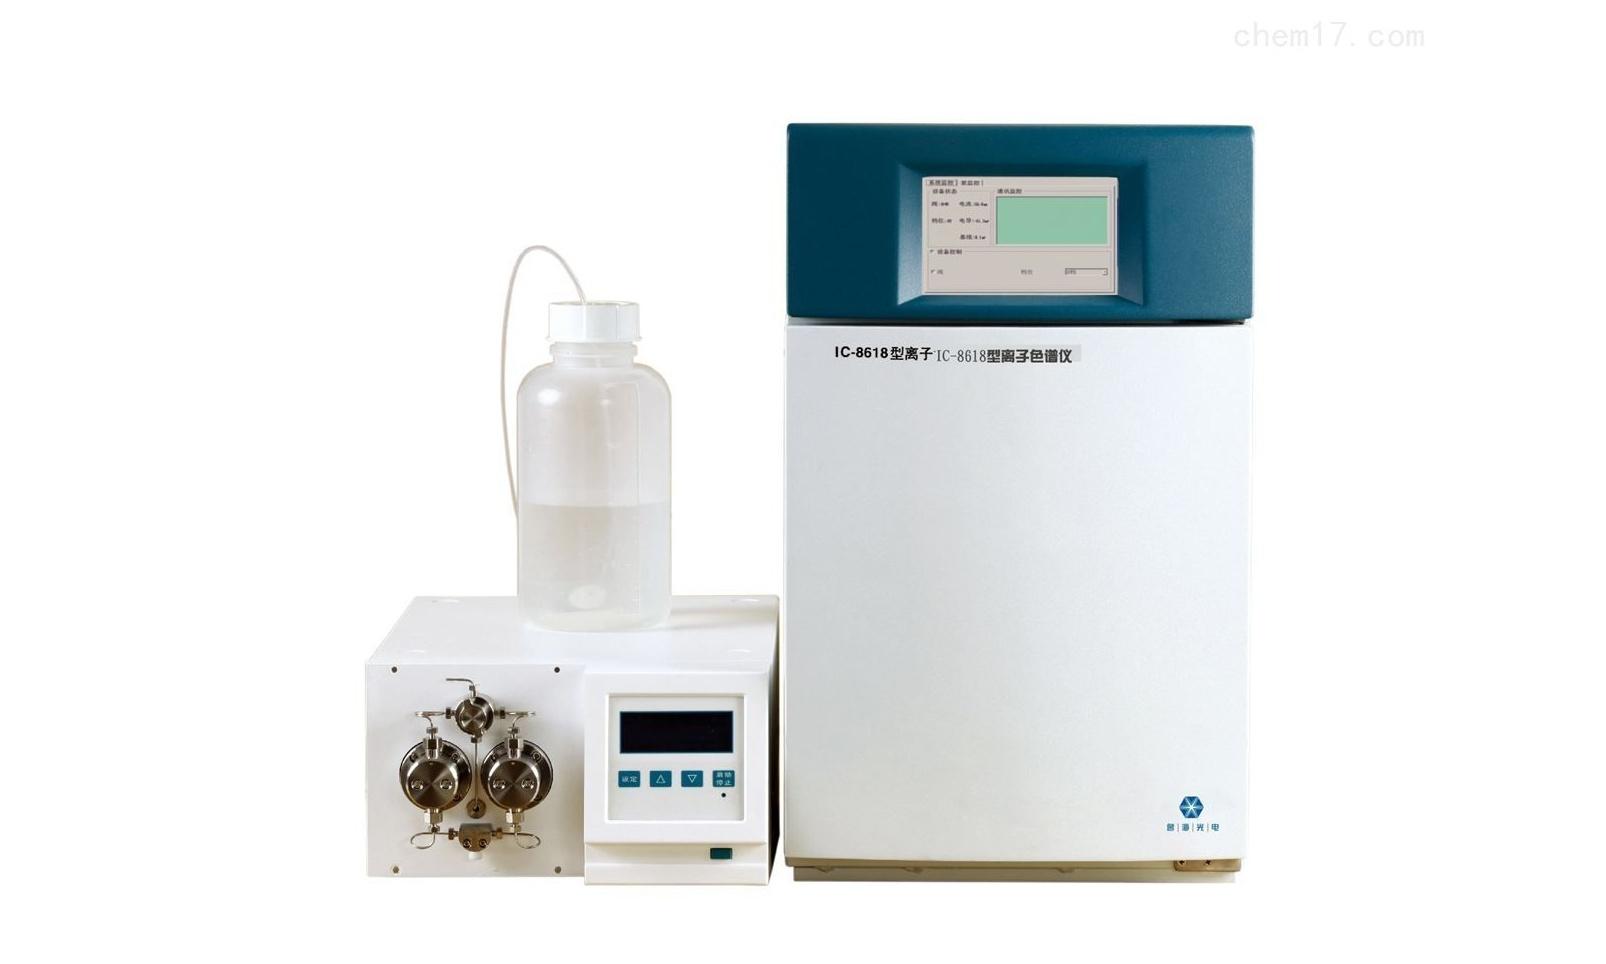 桂林市疾病预防控制中心离子色谱仪等仪器设备采购项目招标